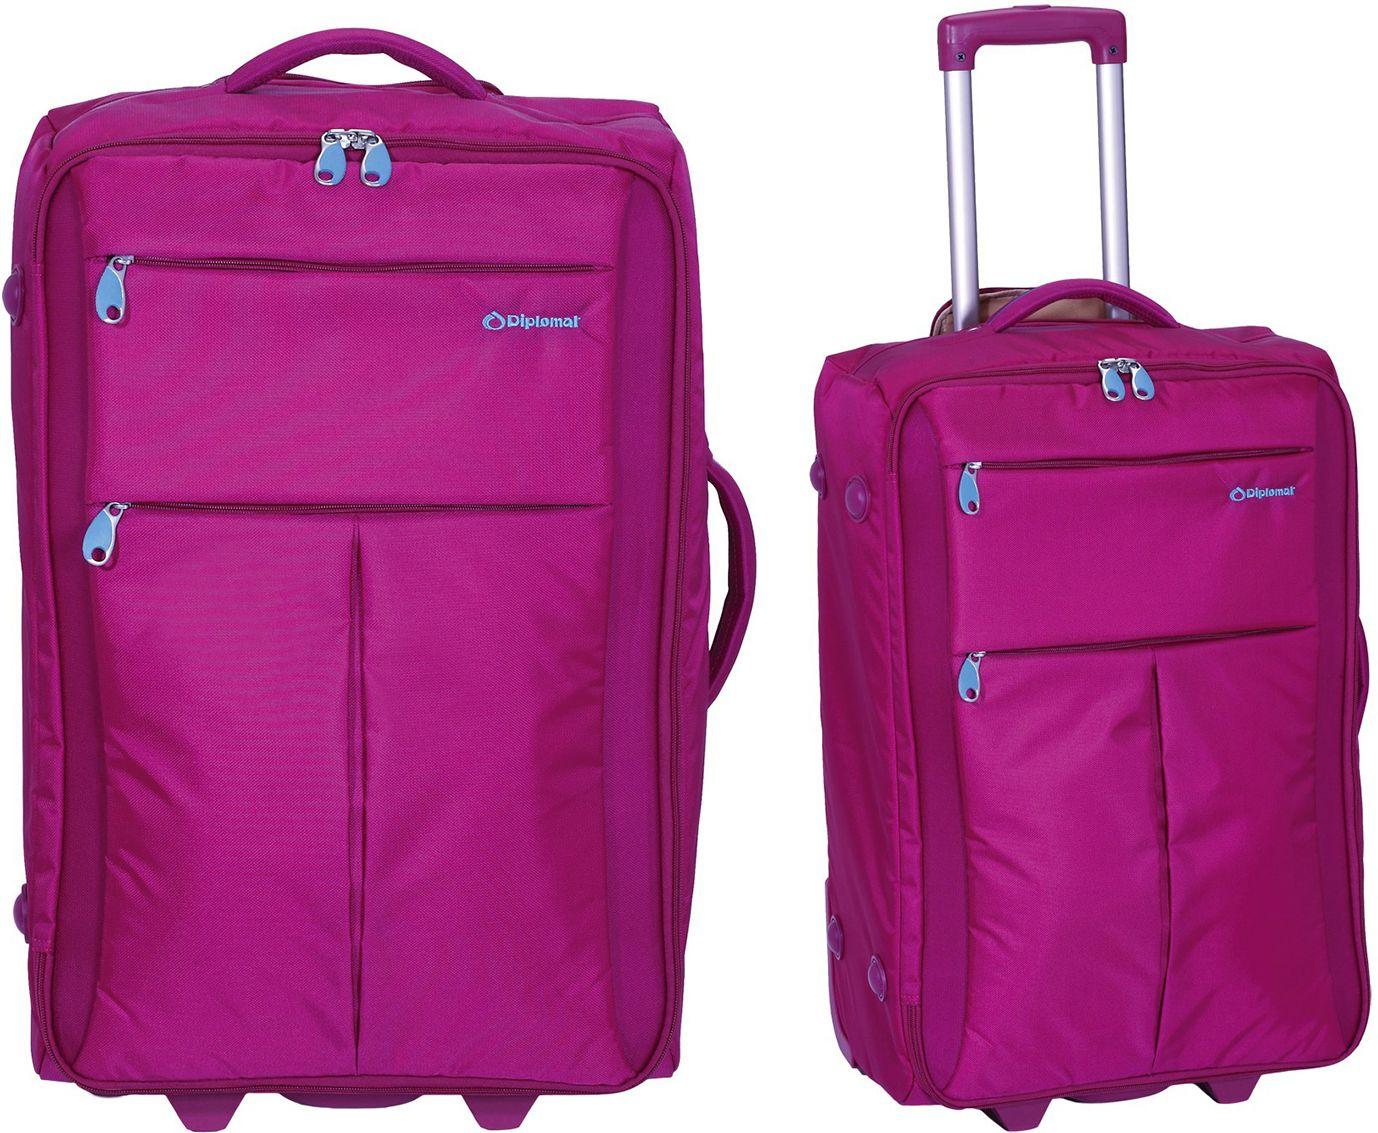 Σετ Βαλίτσες 2 τεμαχίων τρόλεϊ Diplomat ZC 8004 51-71 Φουξια ειδη ταξιδιου   βαλίτσες   βαλίτσες   σετ βαλίτσες ταξιδίου